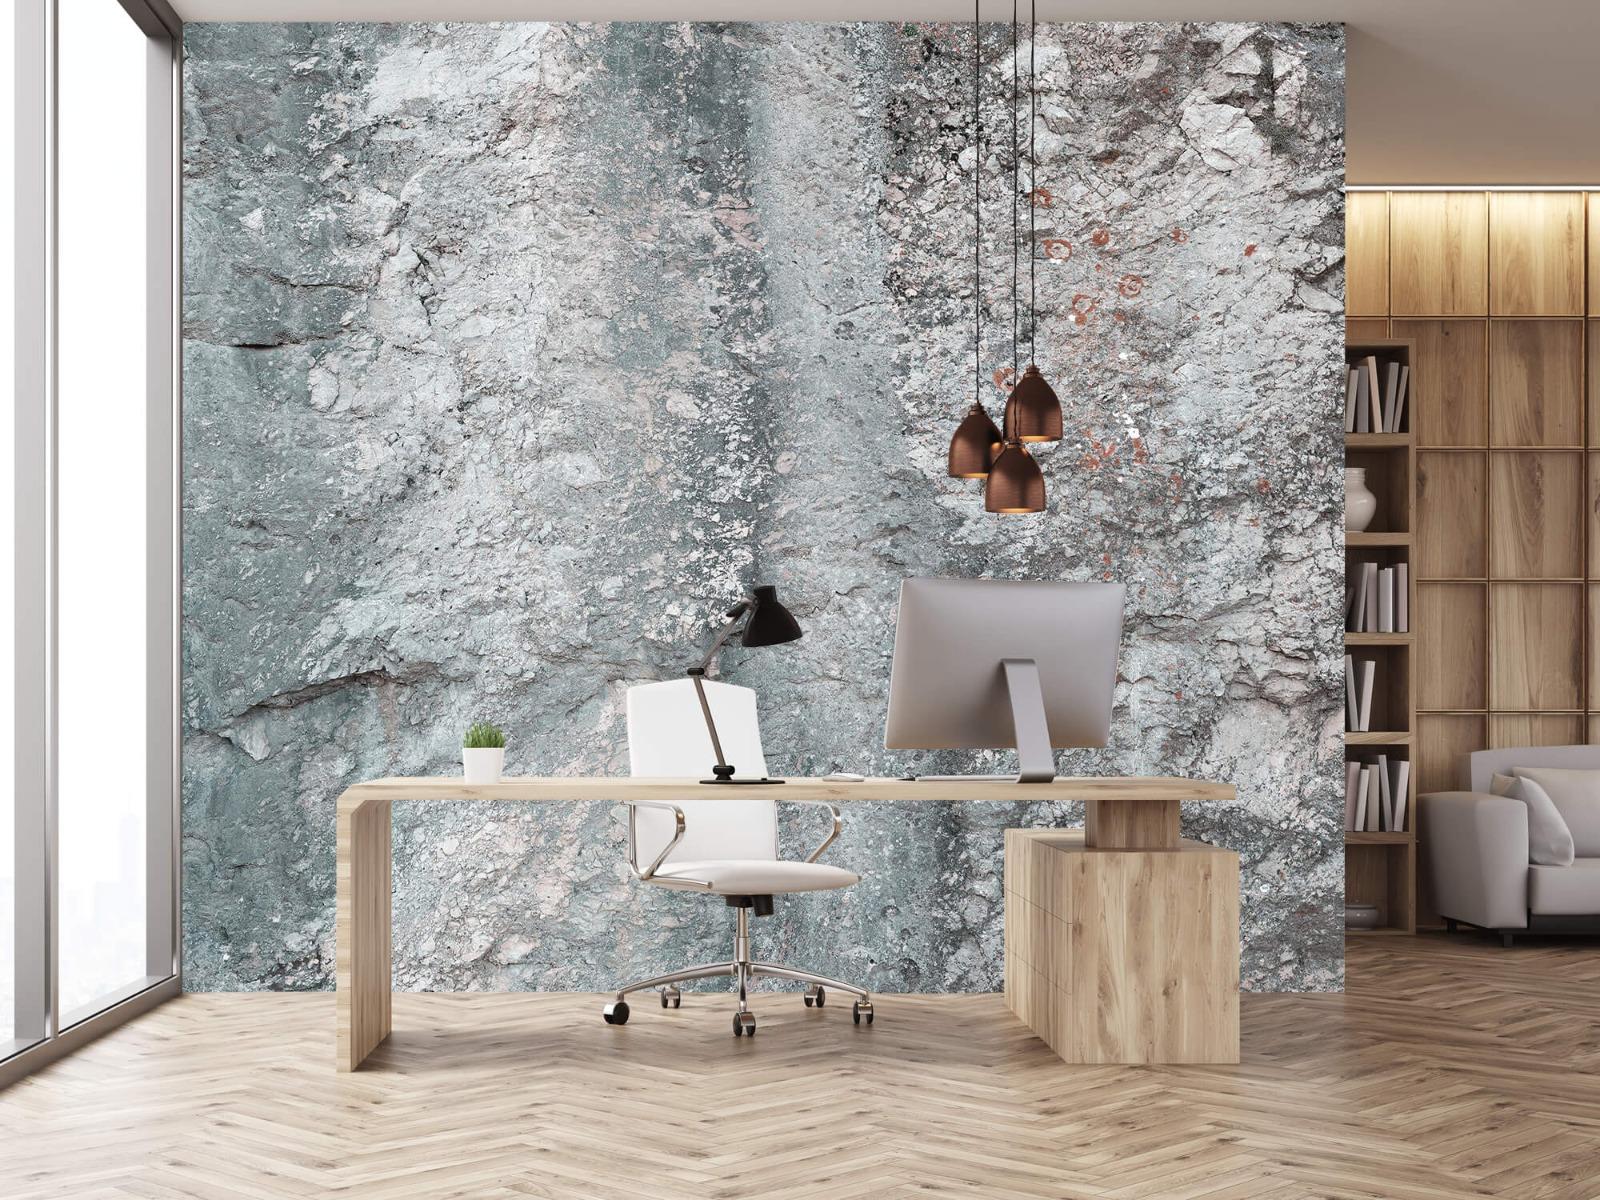 Steen behang - Rotswand - Directie 24